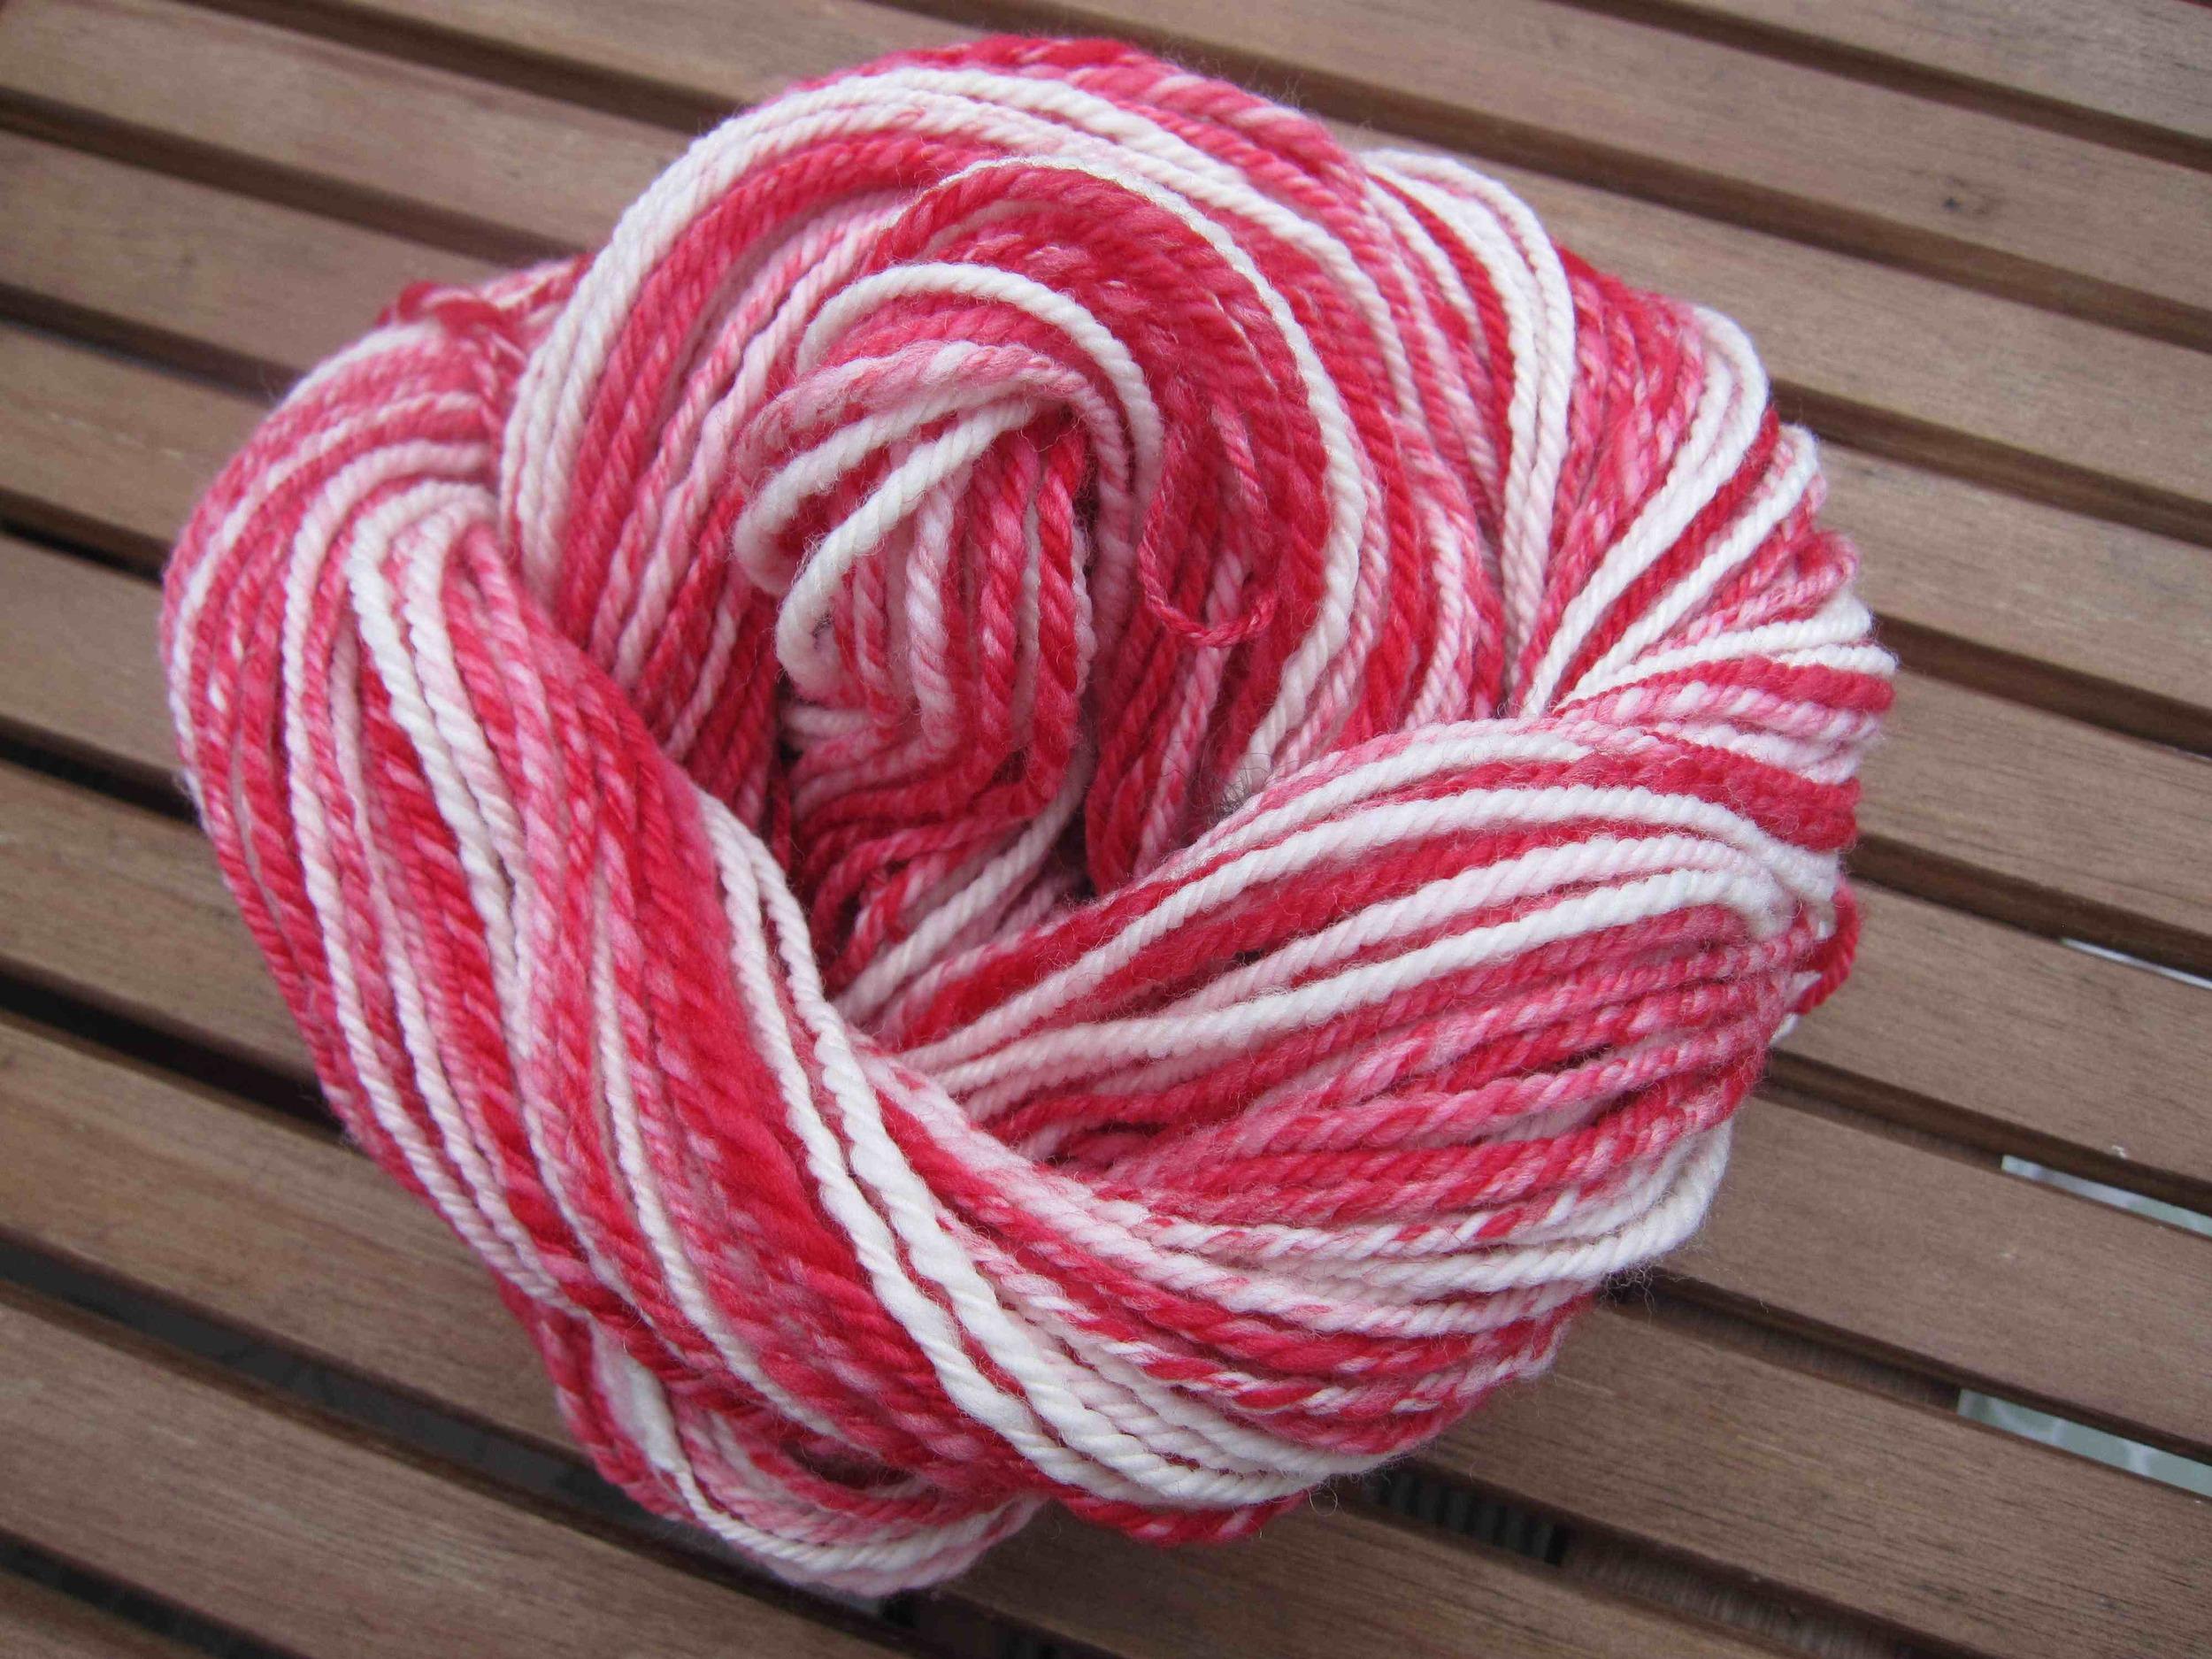 candy cane yarn.jpg